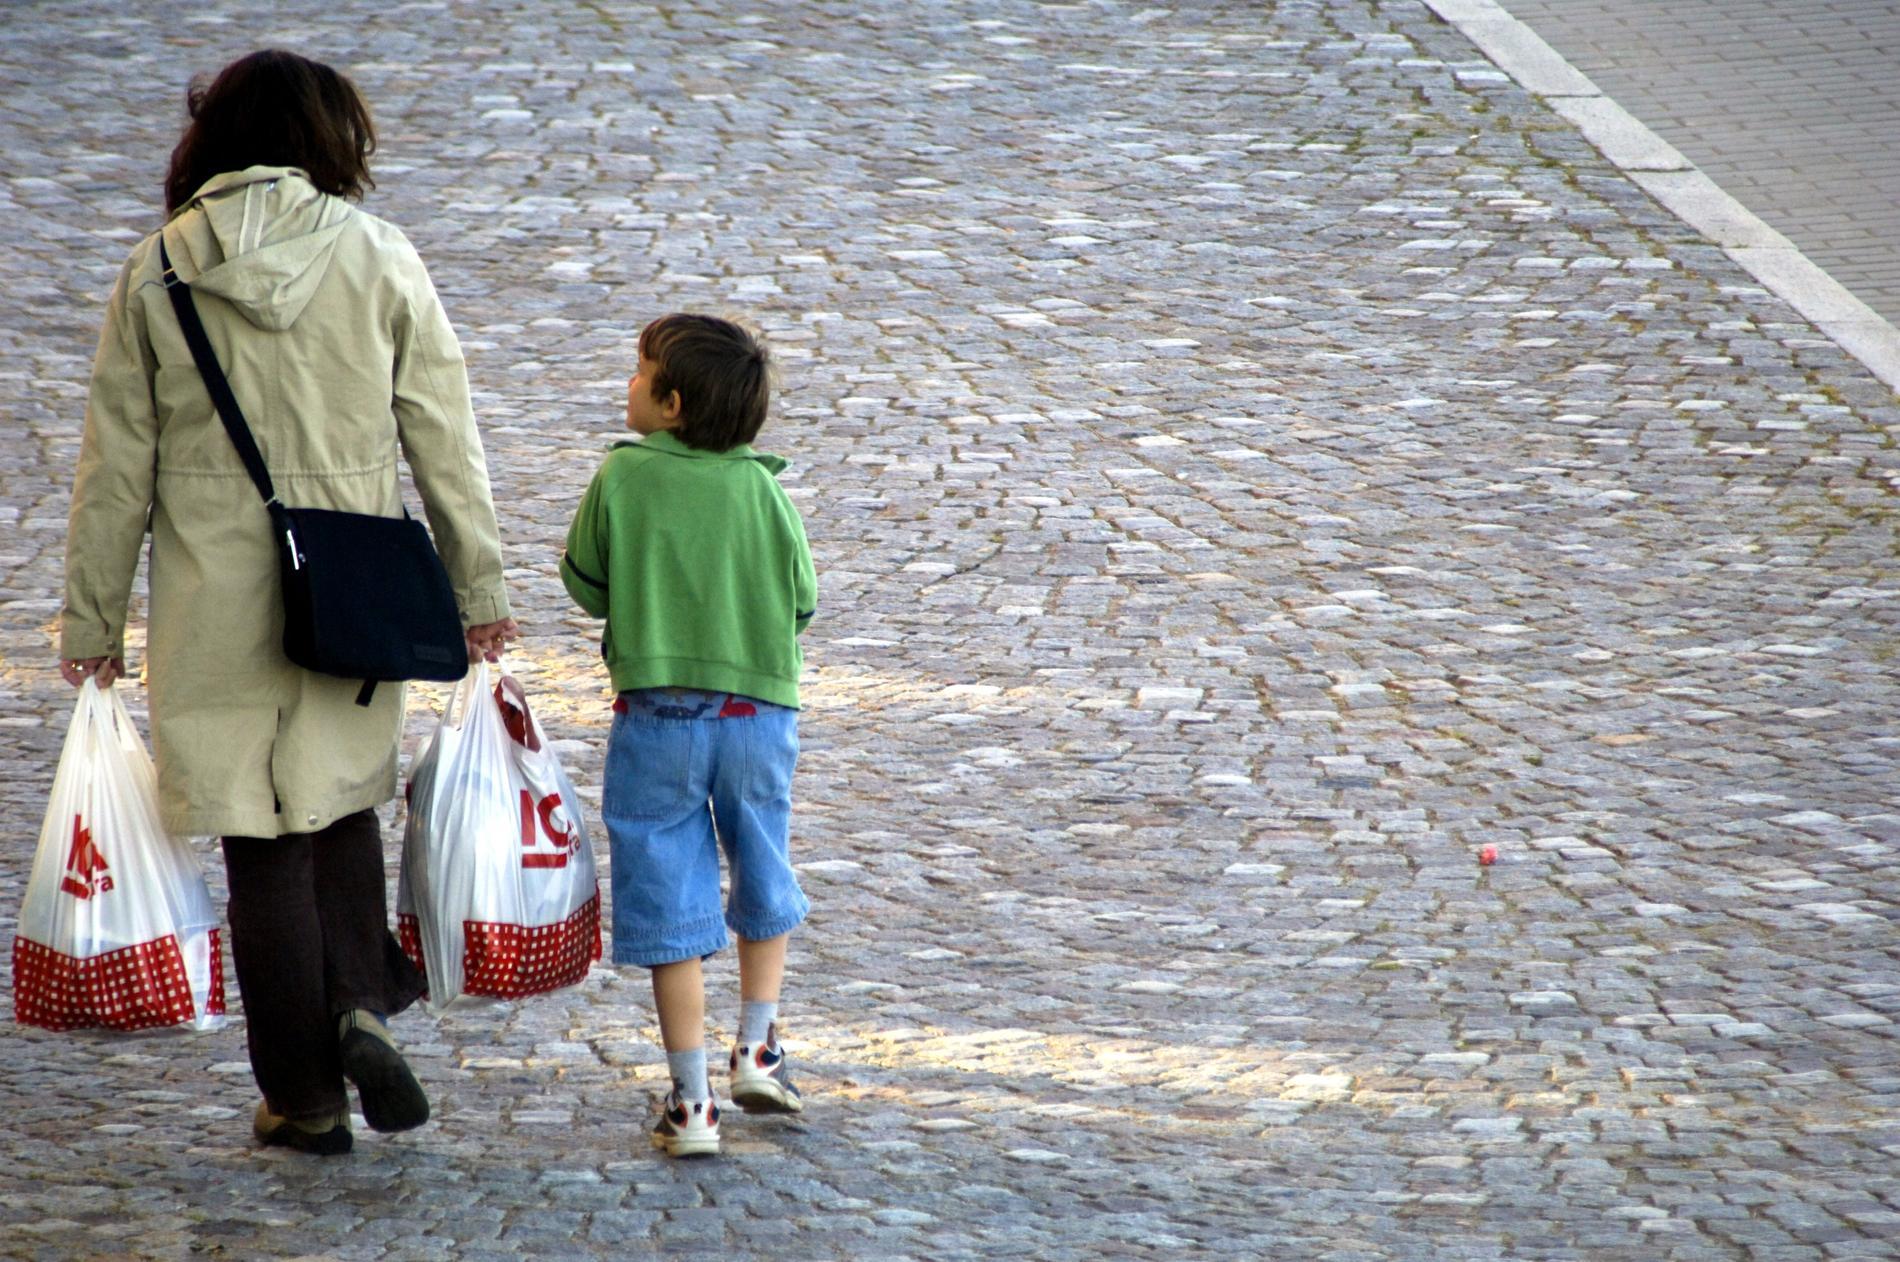 All politik borde handla om att förbättra nästa generations liv, skriver Sam Assadi.